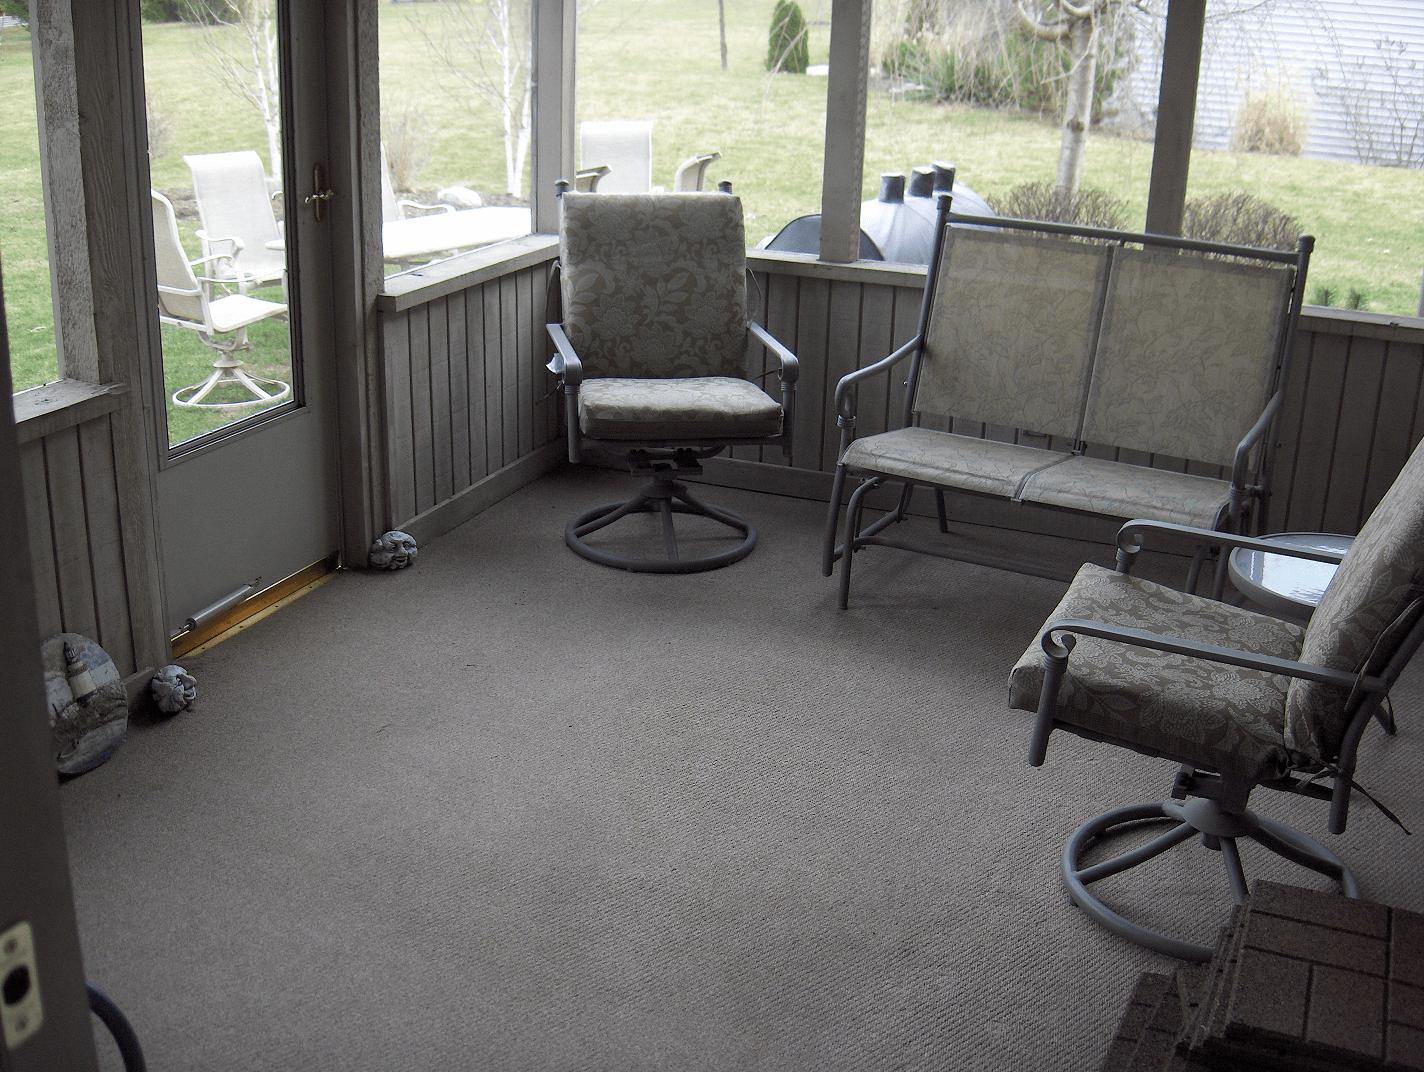 Screened In Porch Flooring Carpet Indoor Outdoor Carpet Outdoor Carpet Roll Outdoor Carpet